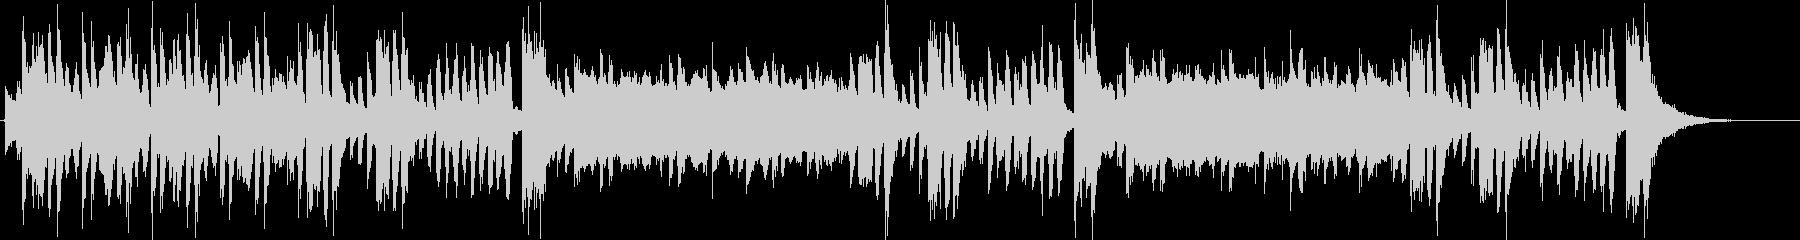 闘牛士の歌 ポップアレンジ曲の未再生の波形